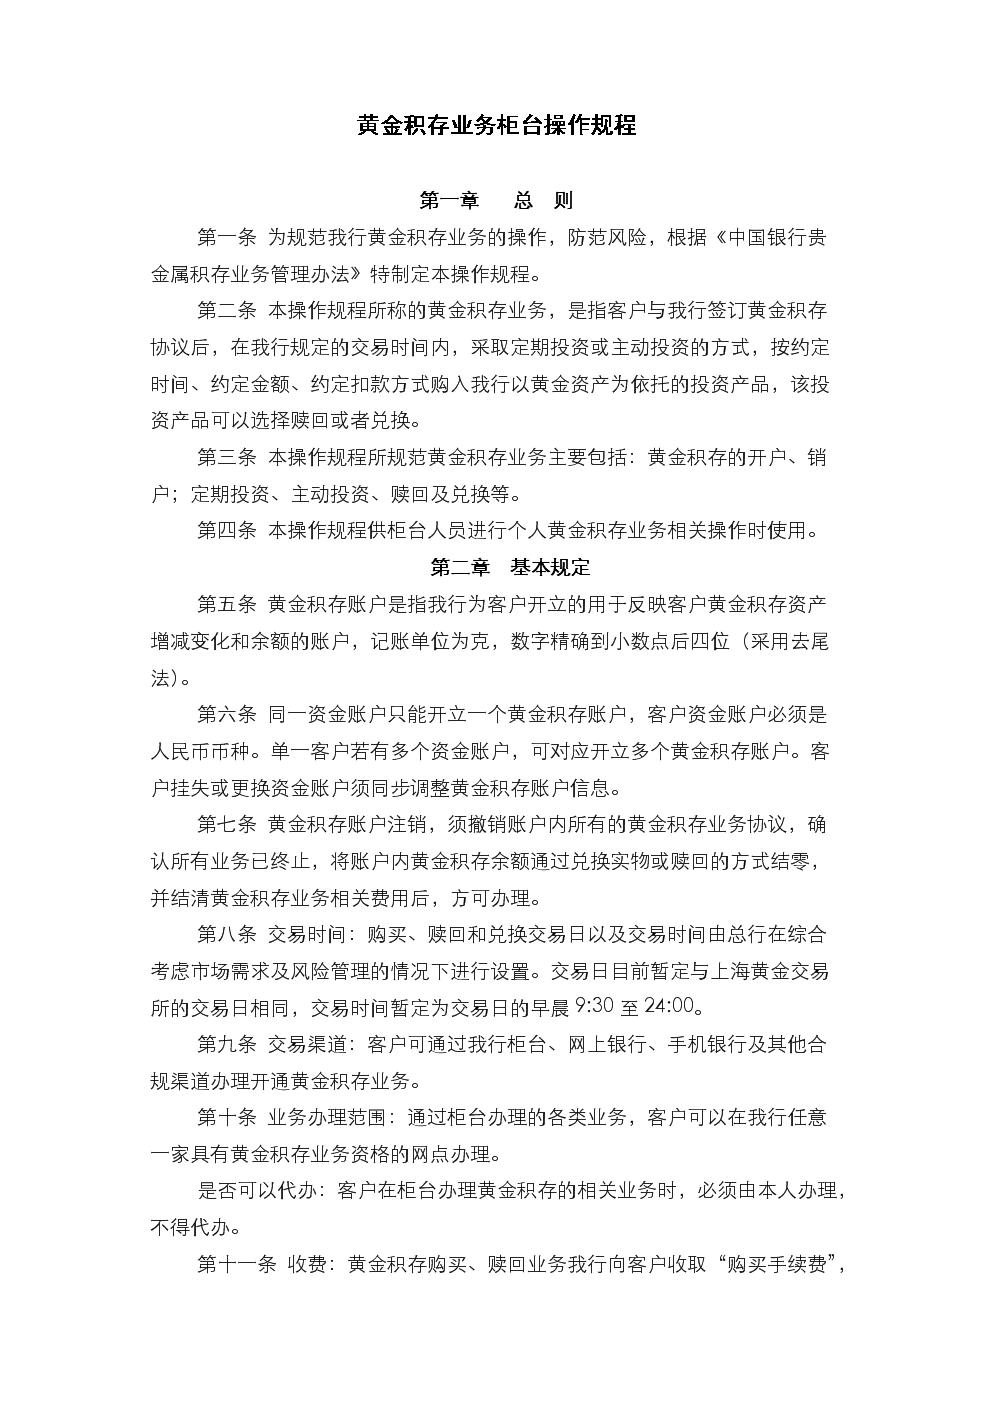 银行贵金属积存业务操作规程模版.docx